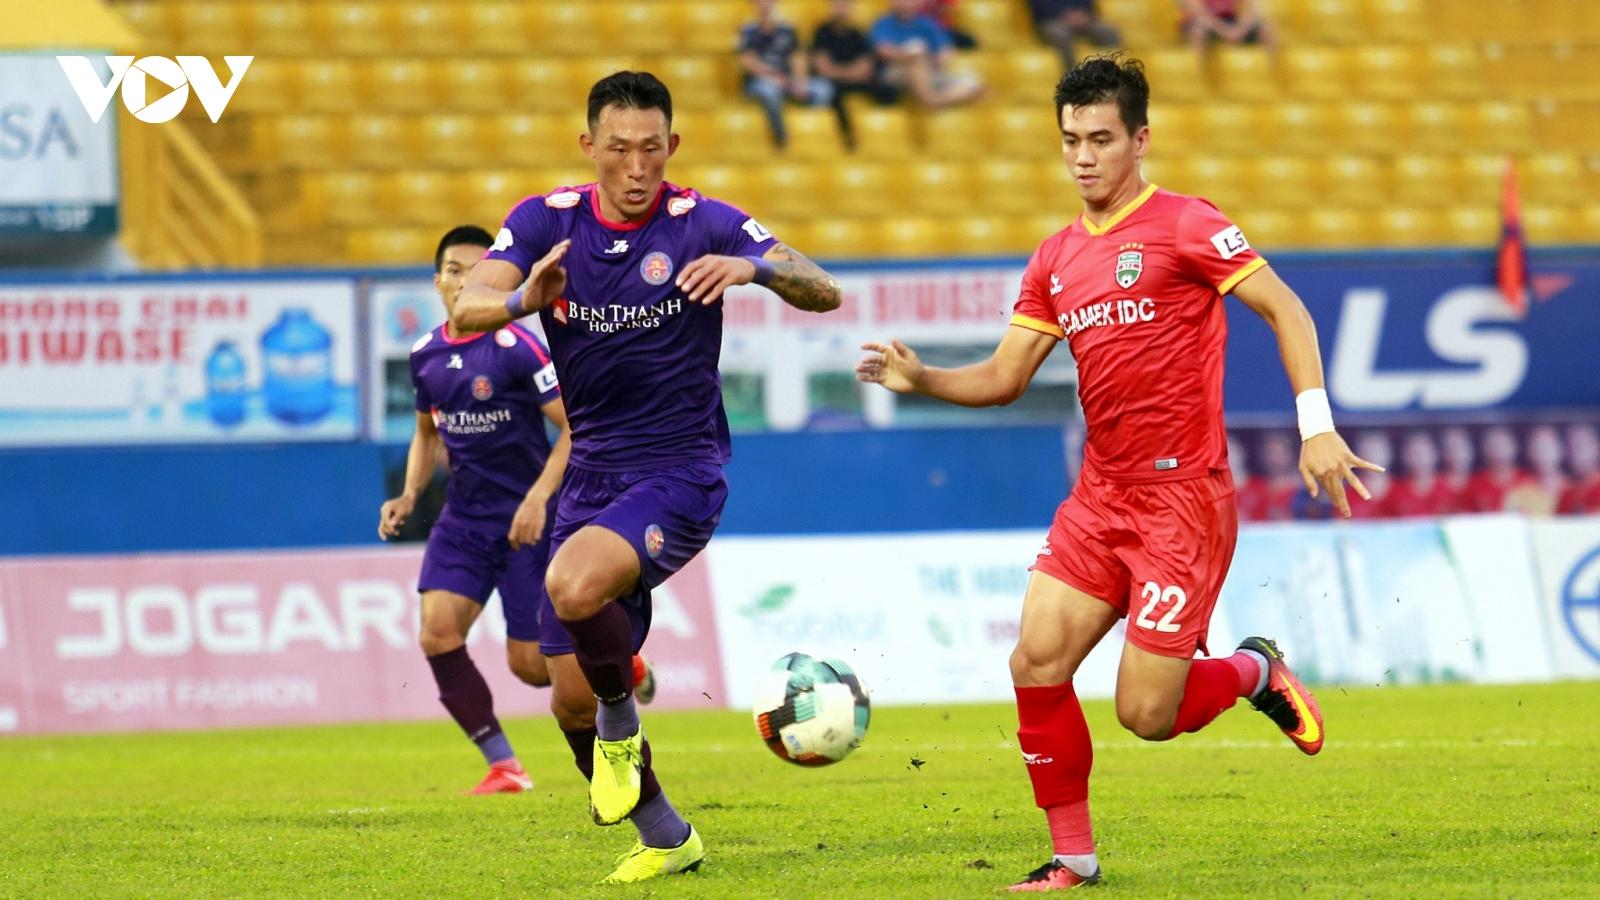 Tiến Linh ghi bàn, Bình Dương khiến Sài Gòn FC có thể mất ngôi đầu V-League 2020